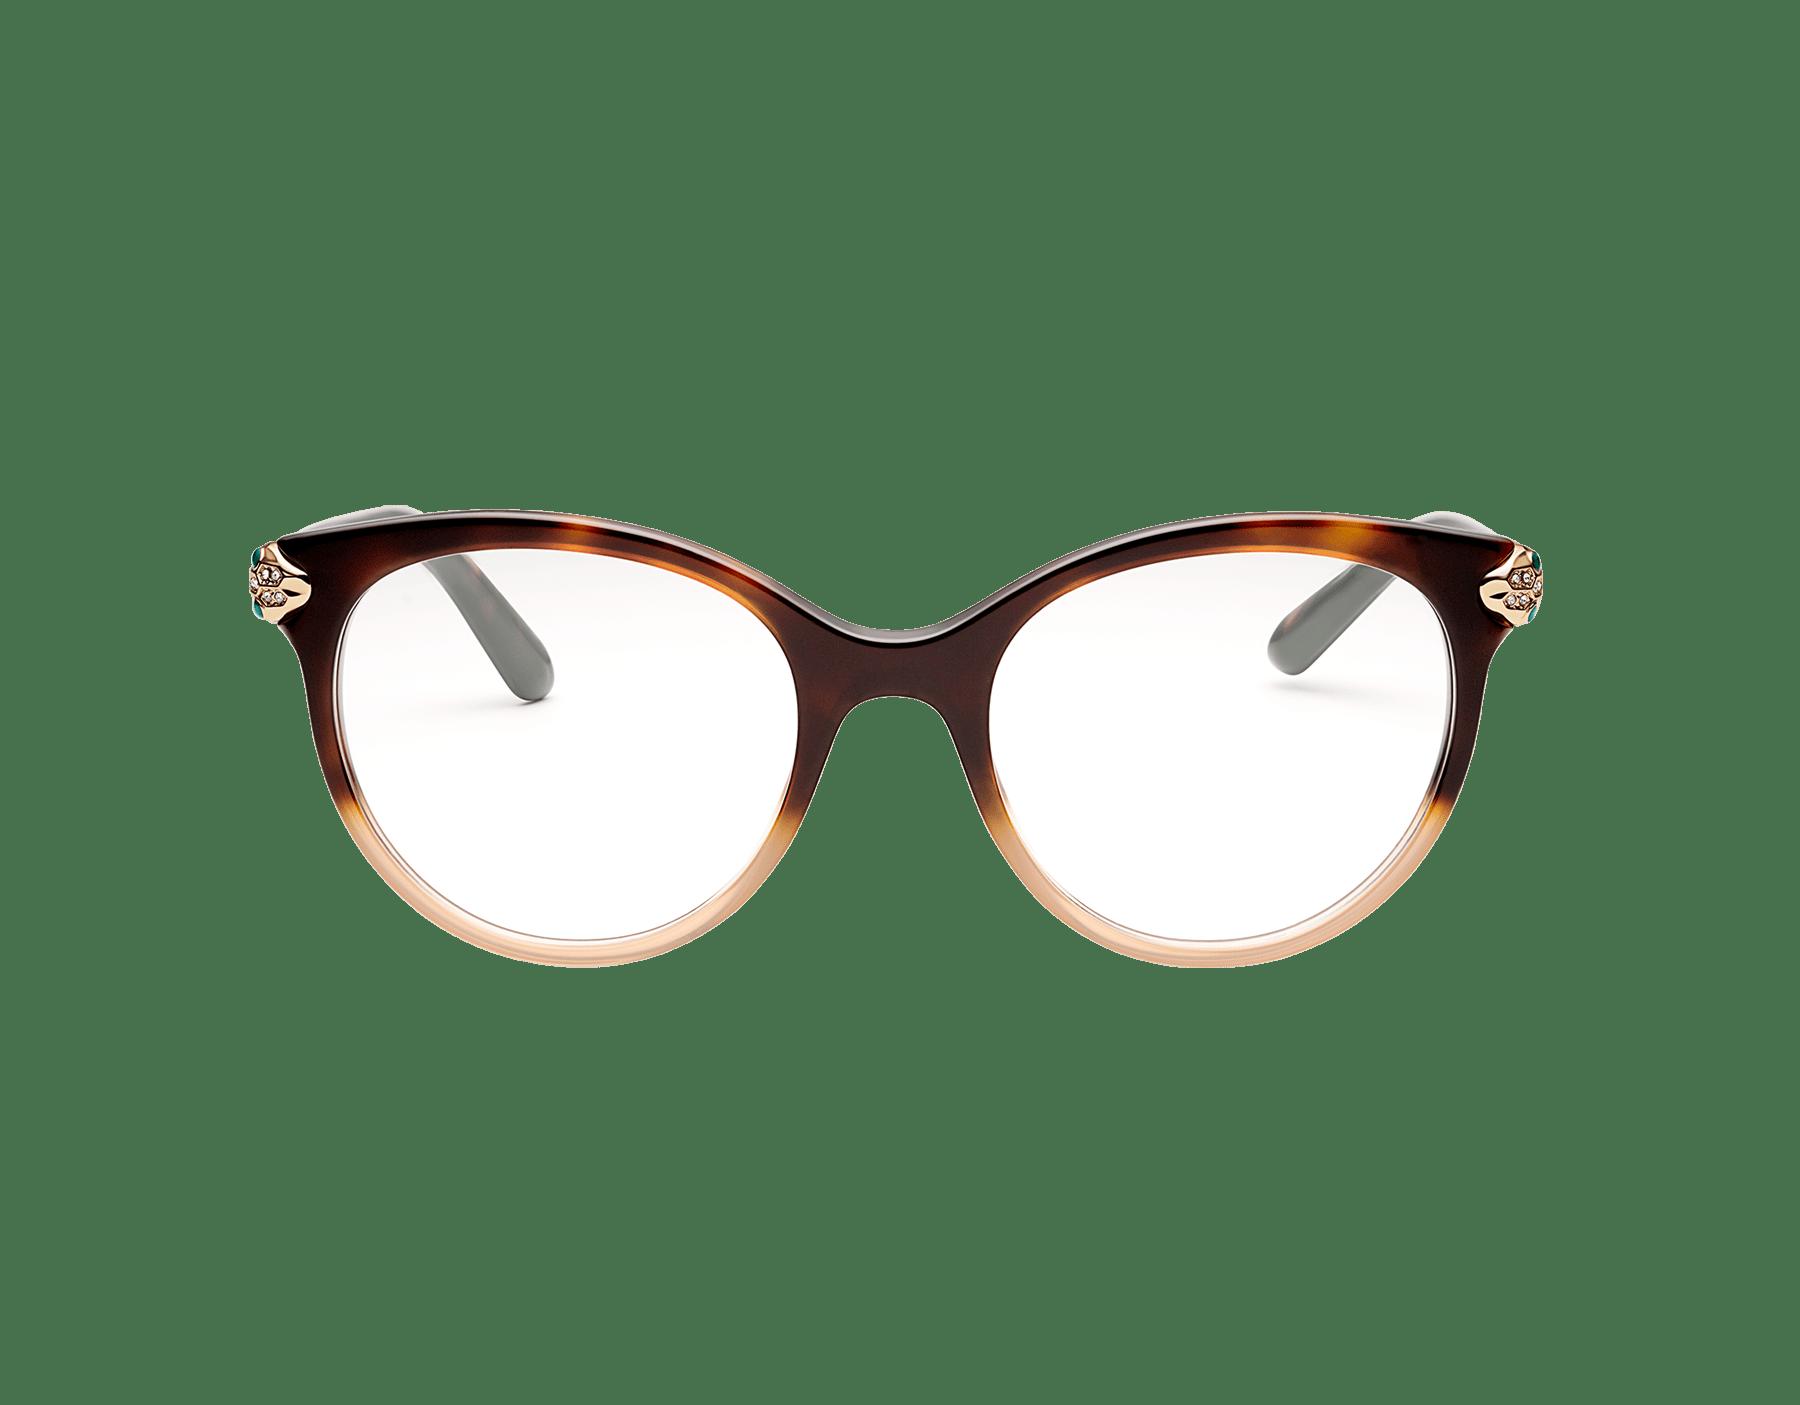 Serpenti 貓眼醋酸纖維光學鏡架。 903629 image 2